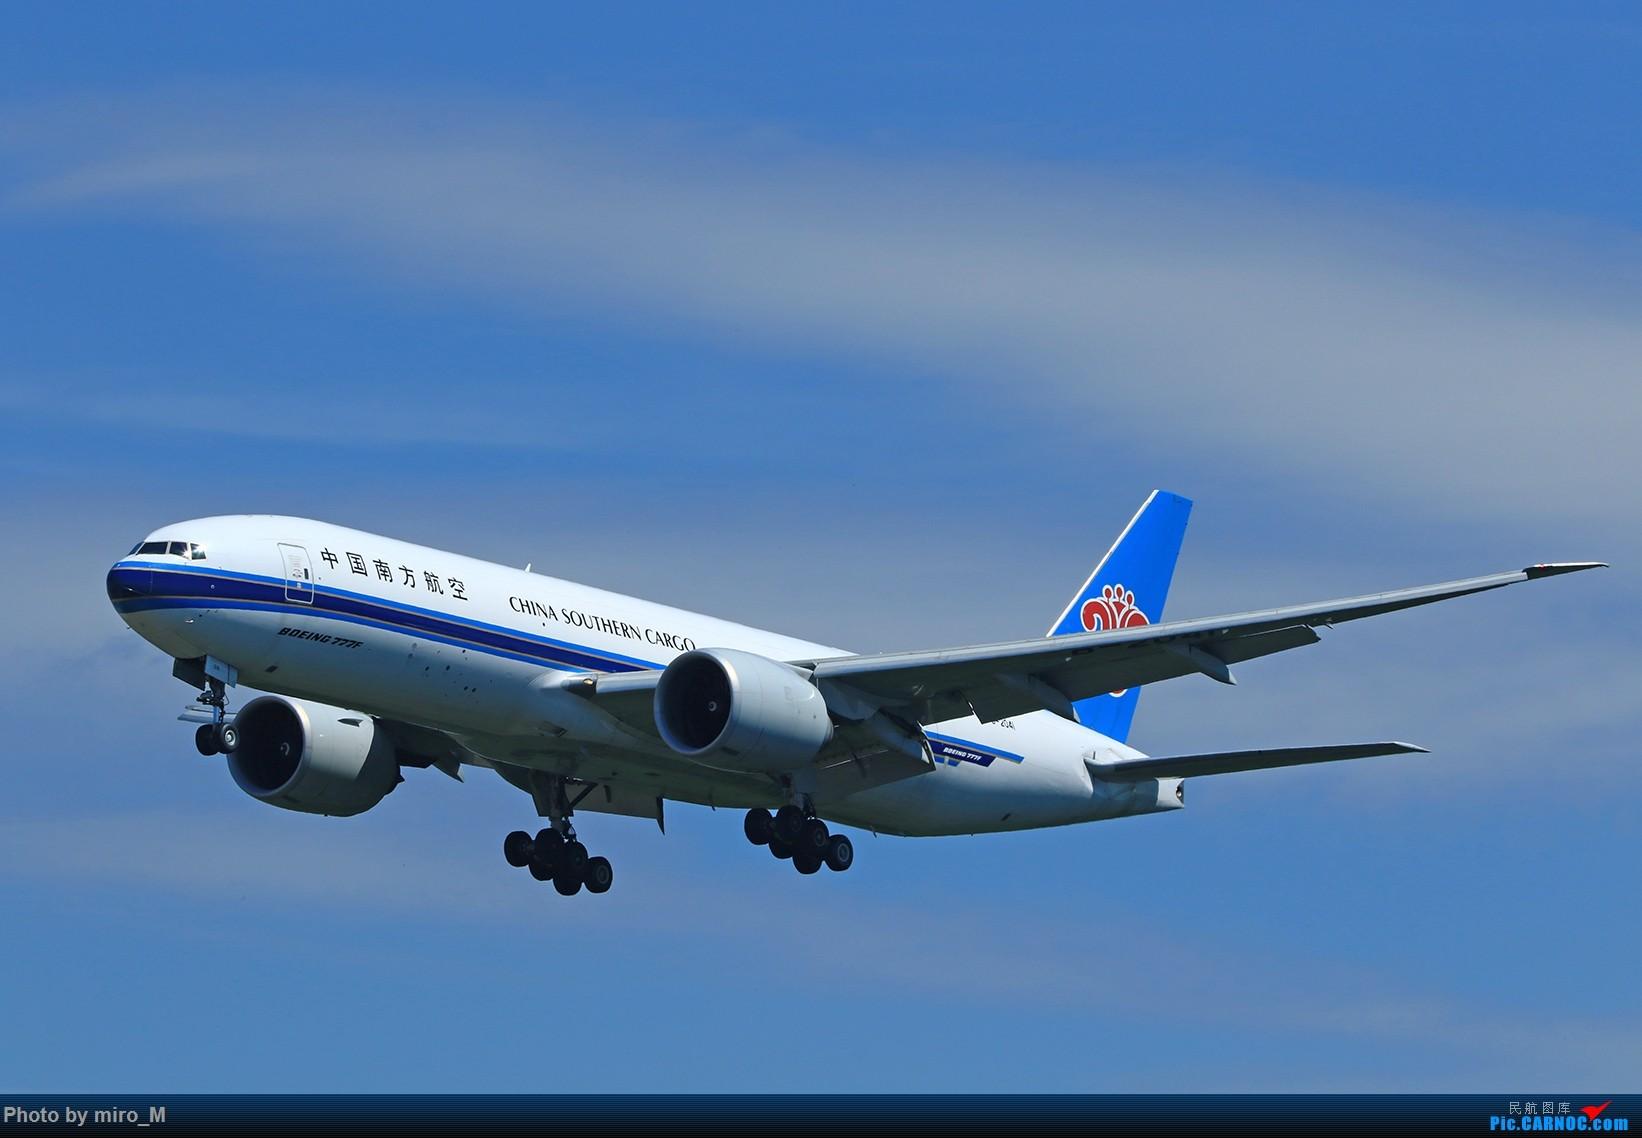 Re:[原创]欧洲浪了一圈,CS100,BAE146,fokker70等新老机型串着飞+ZRH,MUC,FRA,AMS,TLS拍机 BOEING 777-200F B-2041 德国法兰克福机场